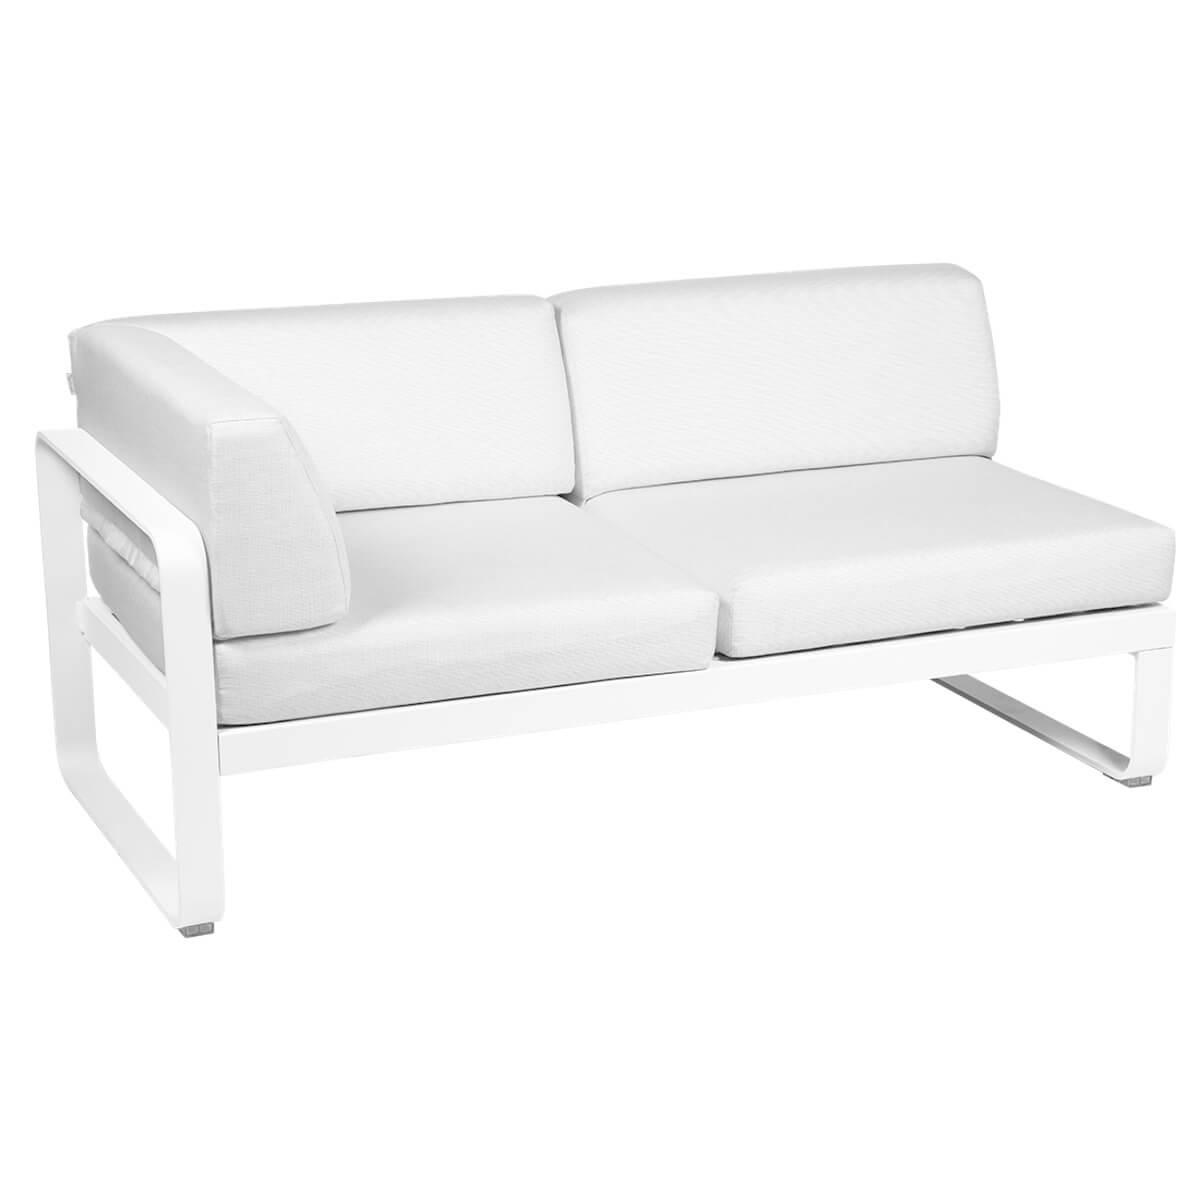 Module d'angle gauche 2 places BELLEVIE Fermob blanc coton-Blanc grisé